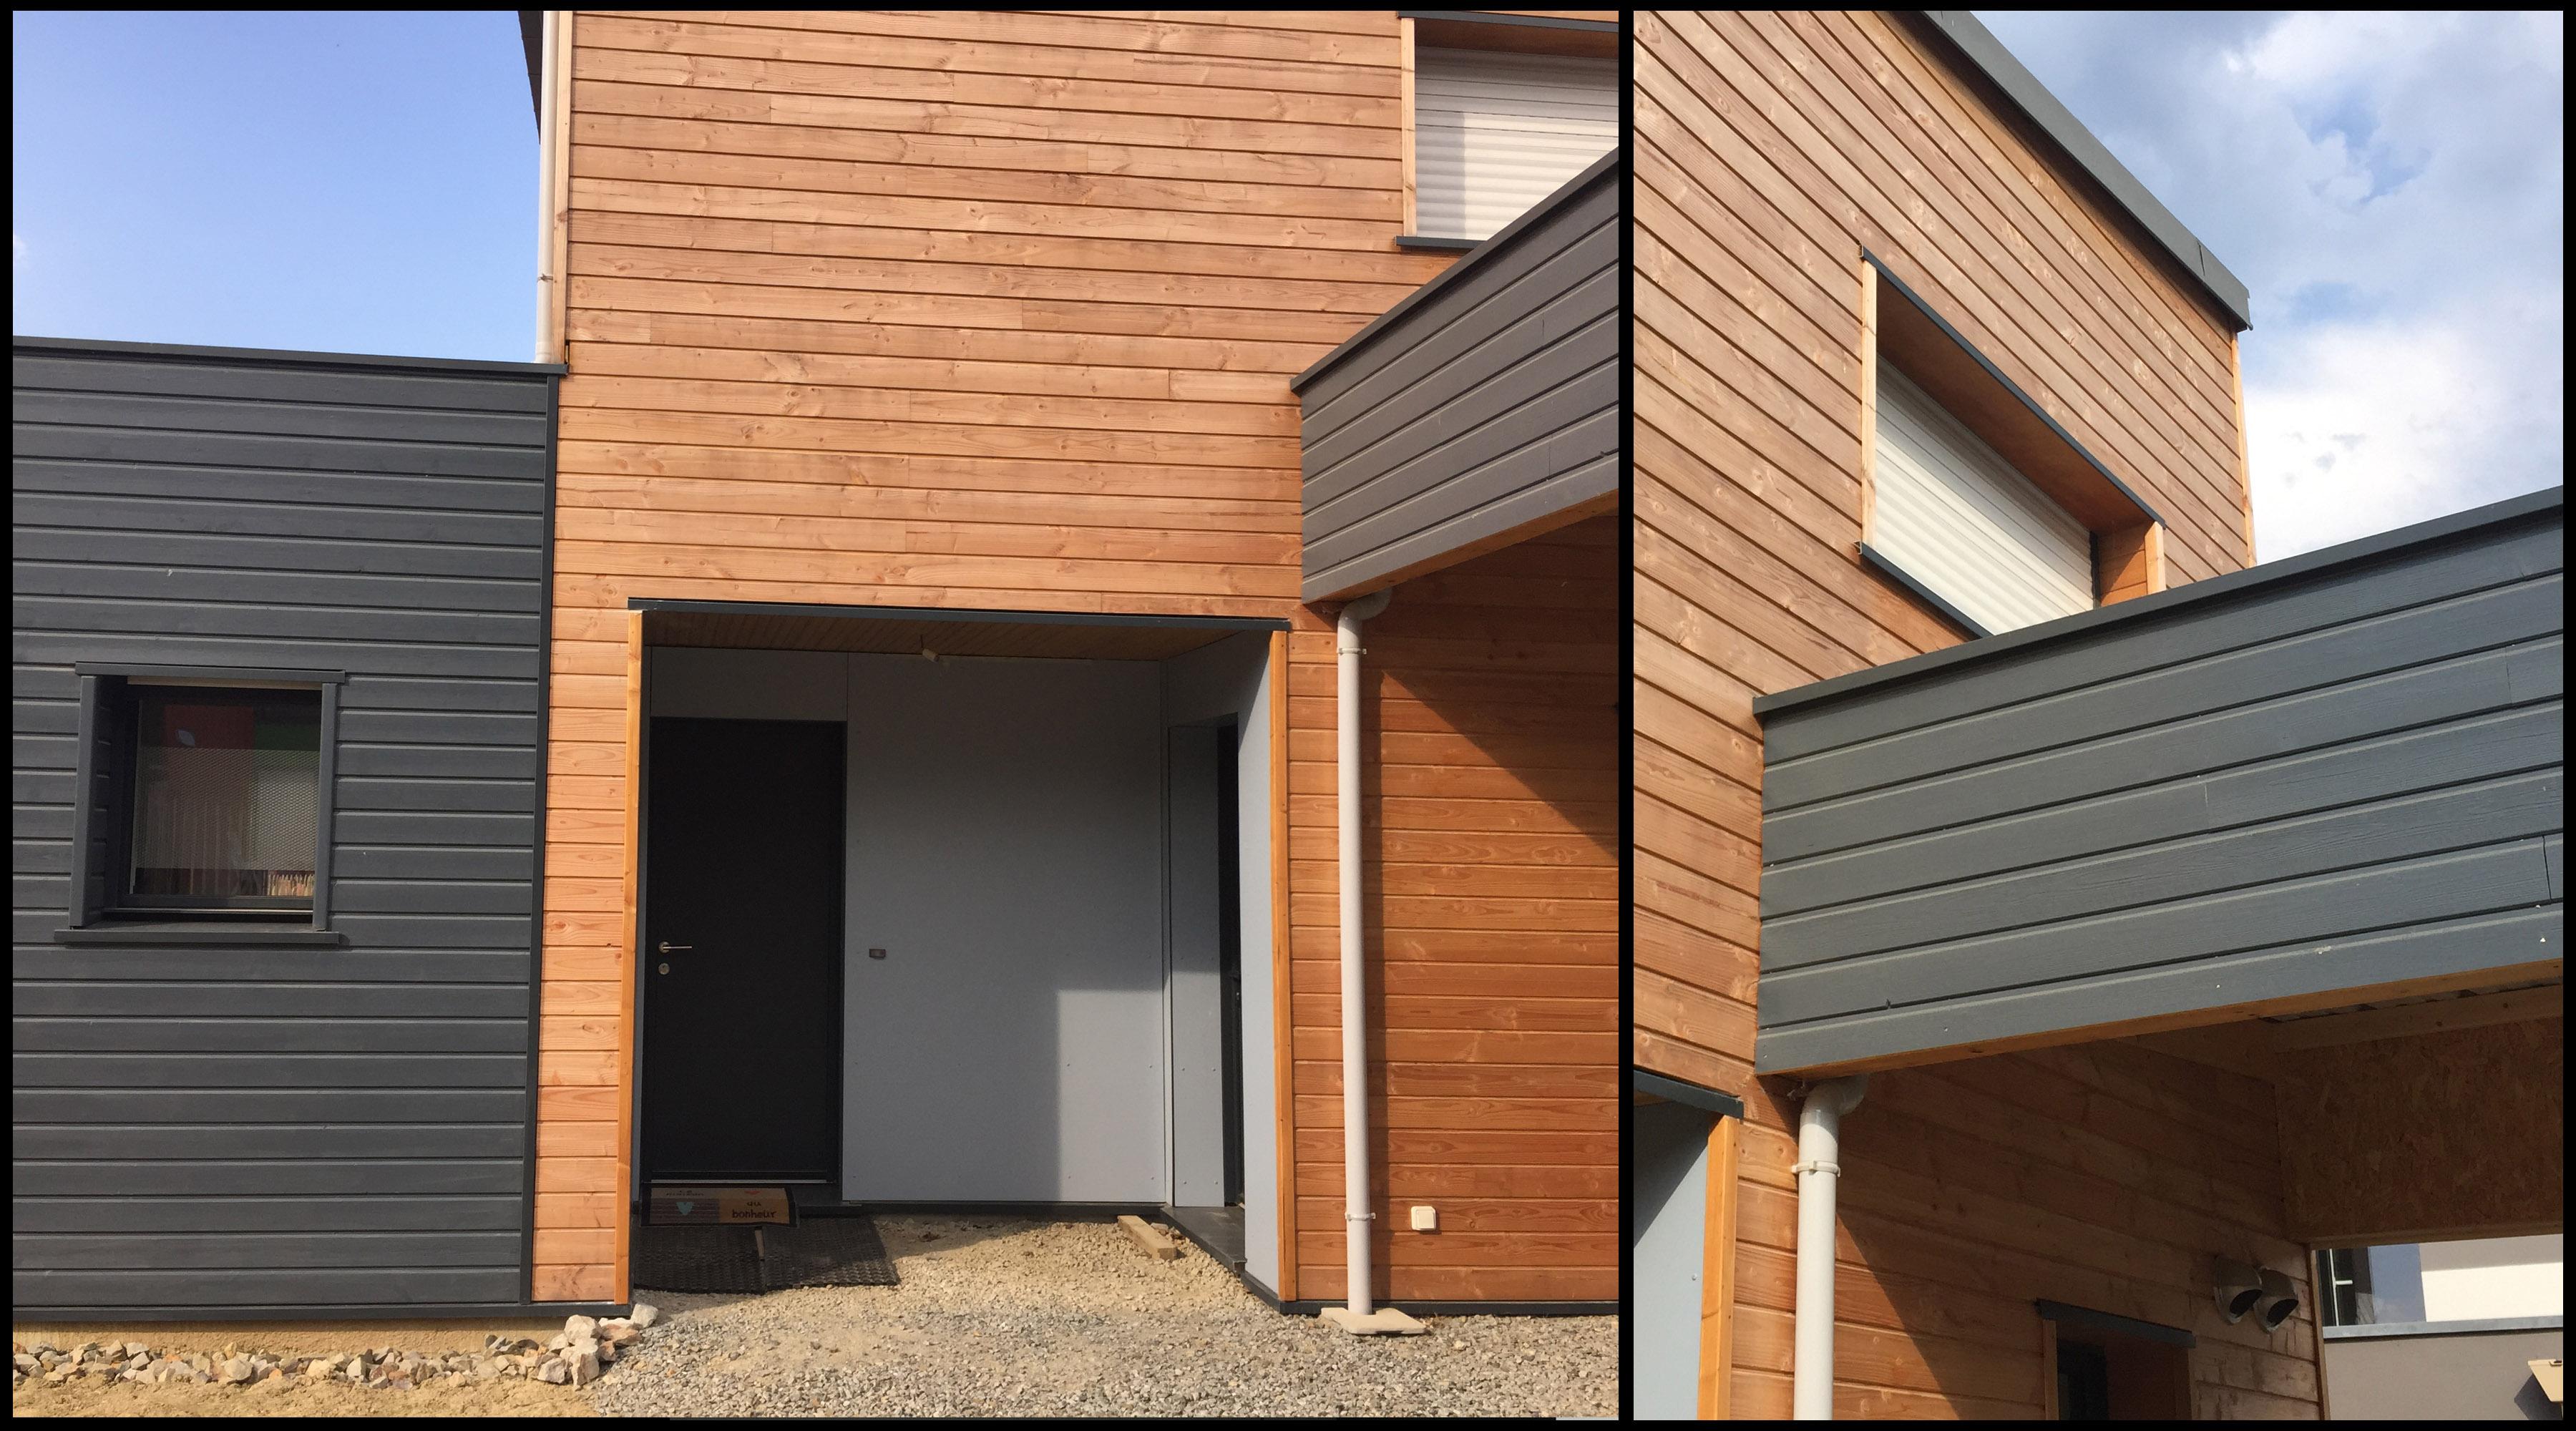 Constructeur De Maison Rennes maison bois - 1.2 vue – architecte / lise roturier – rennes